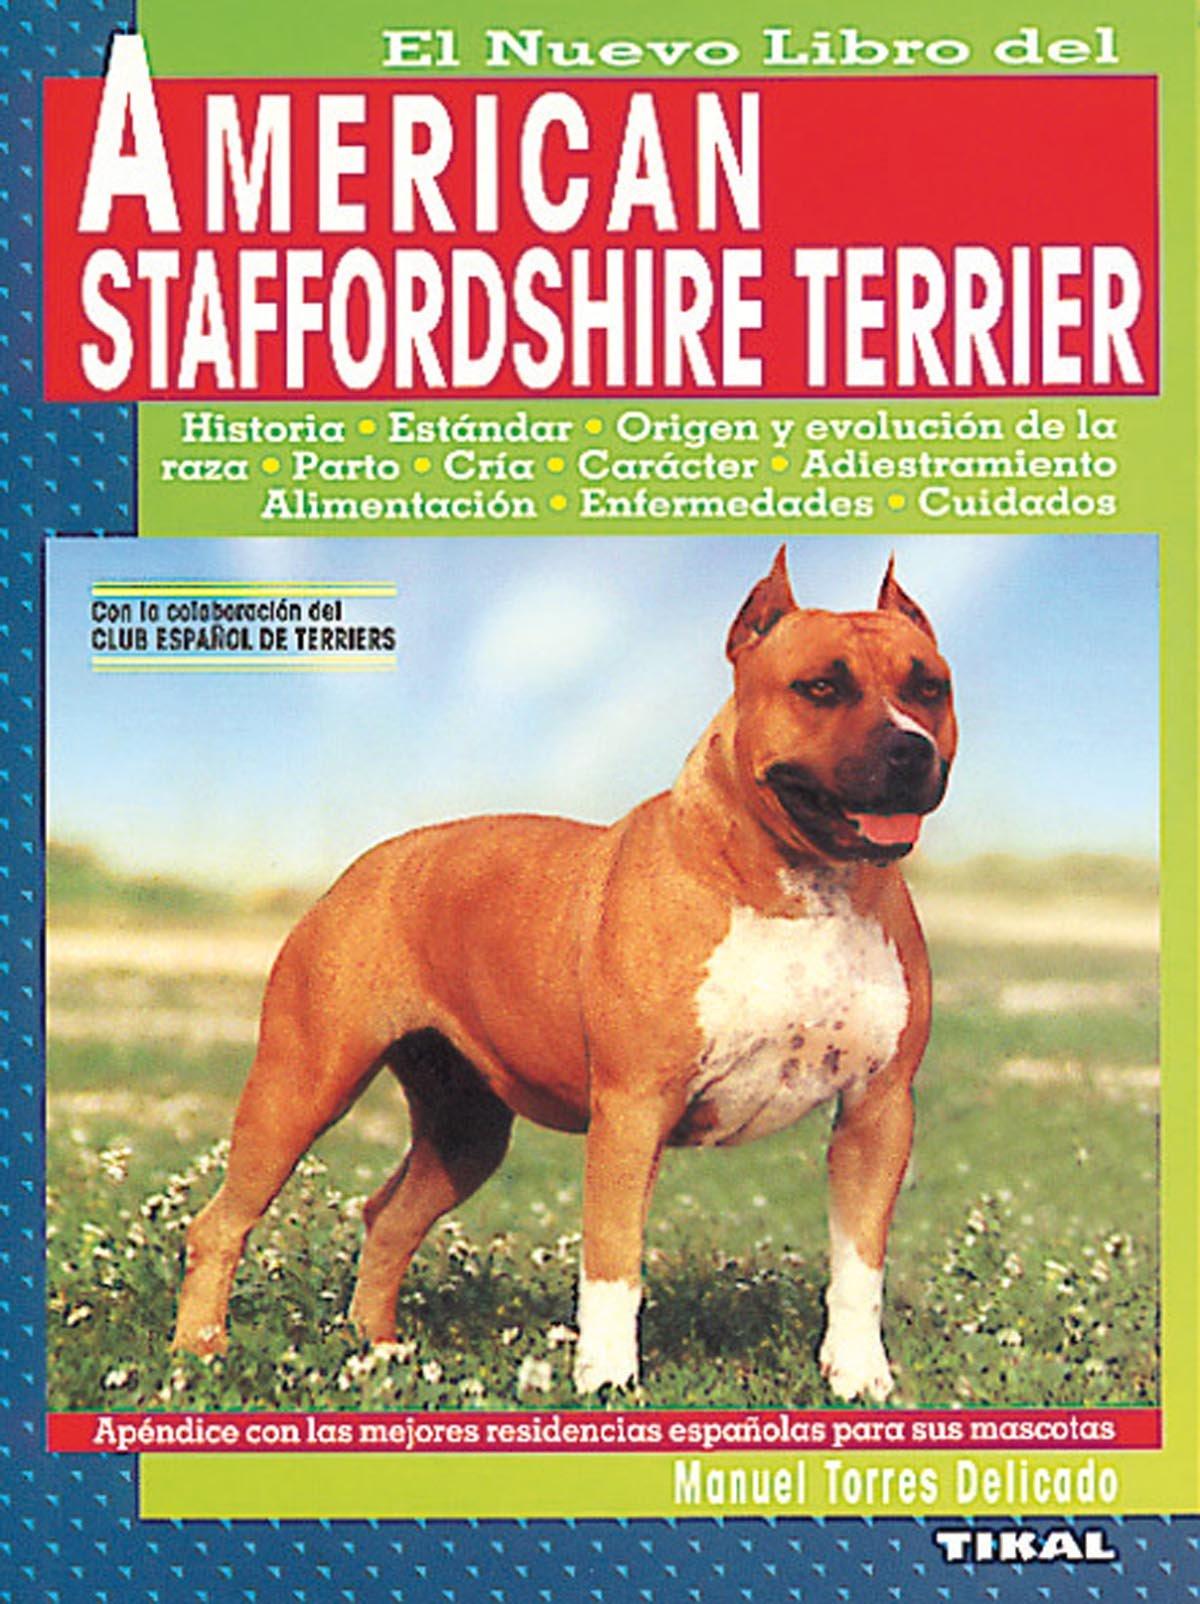 American Staffordshire Terrier: Amazon.es: Manuel Torres Delicado: Libros